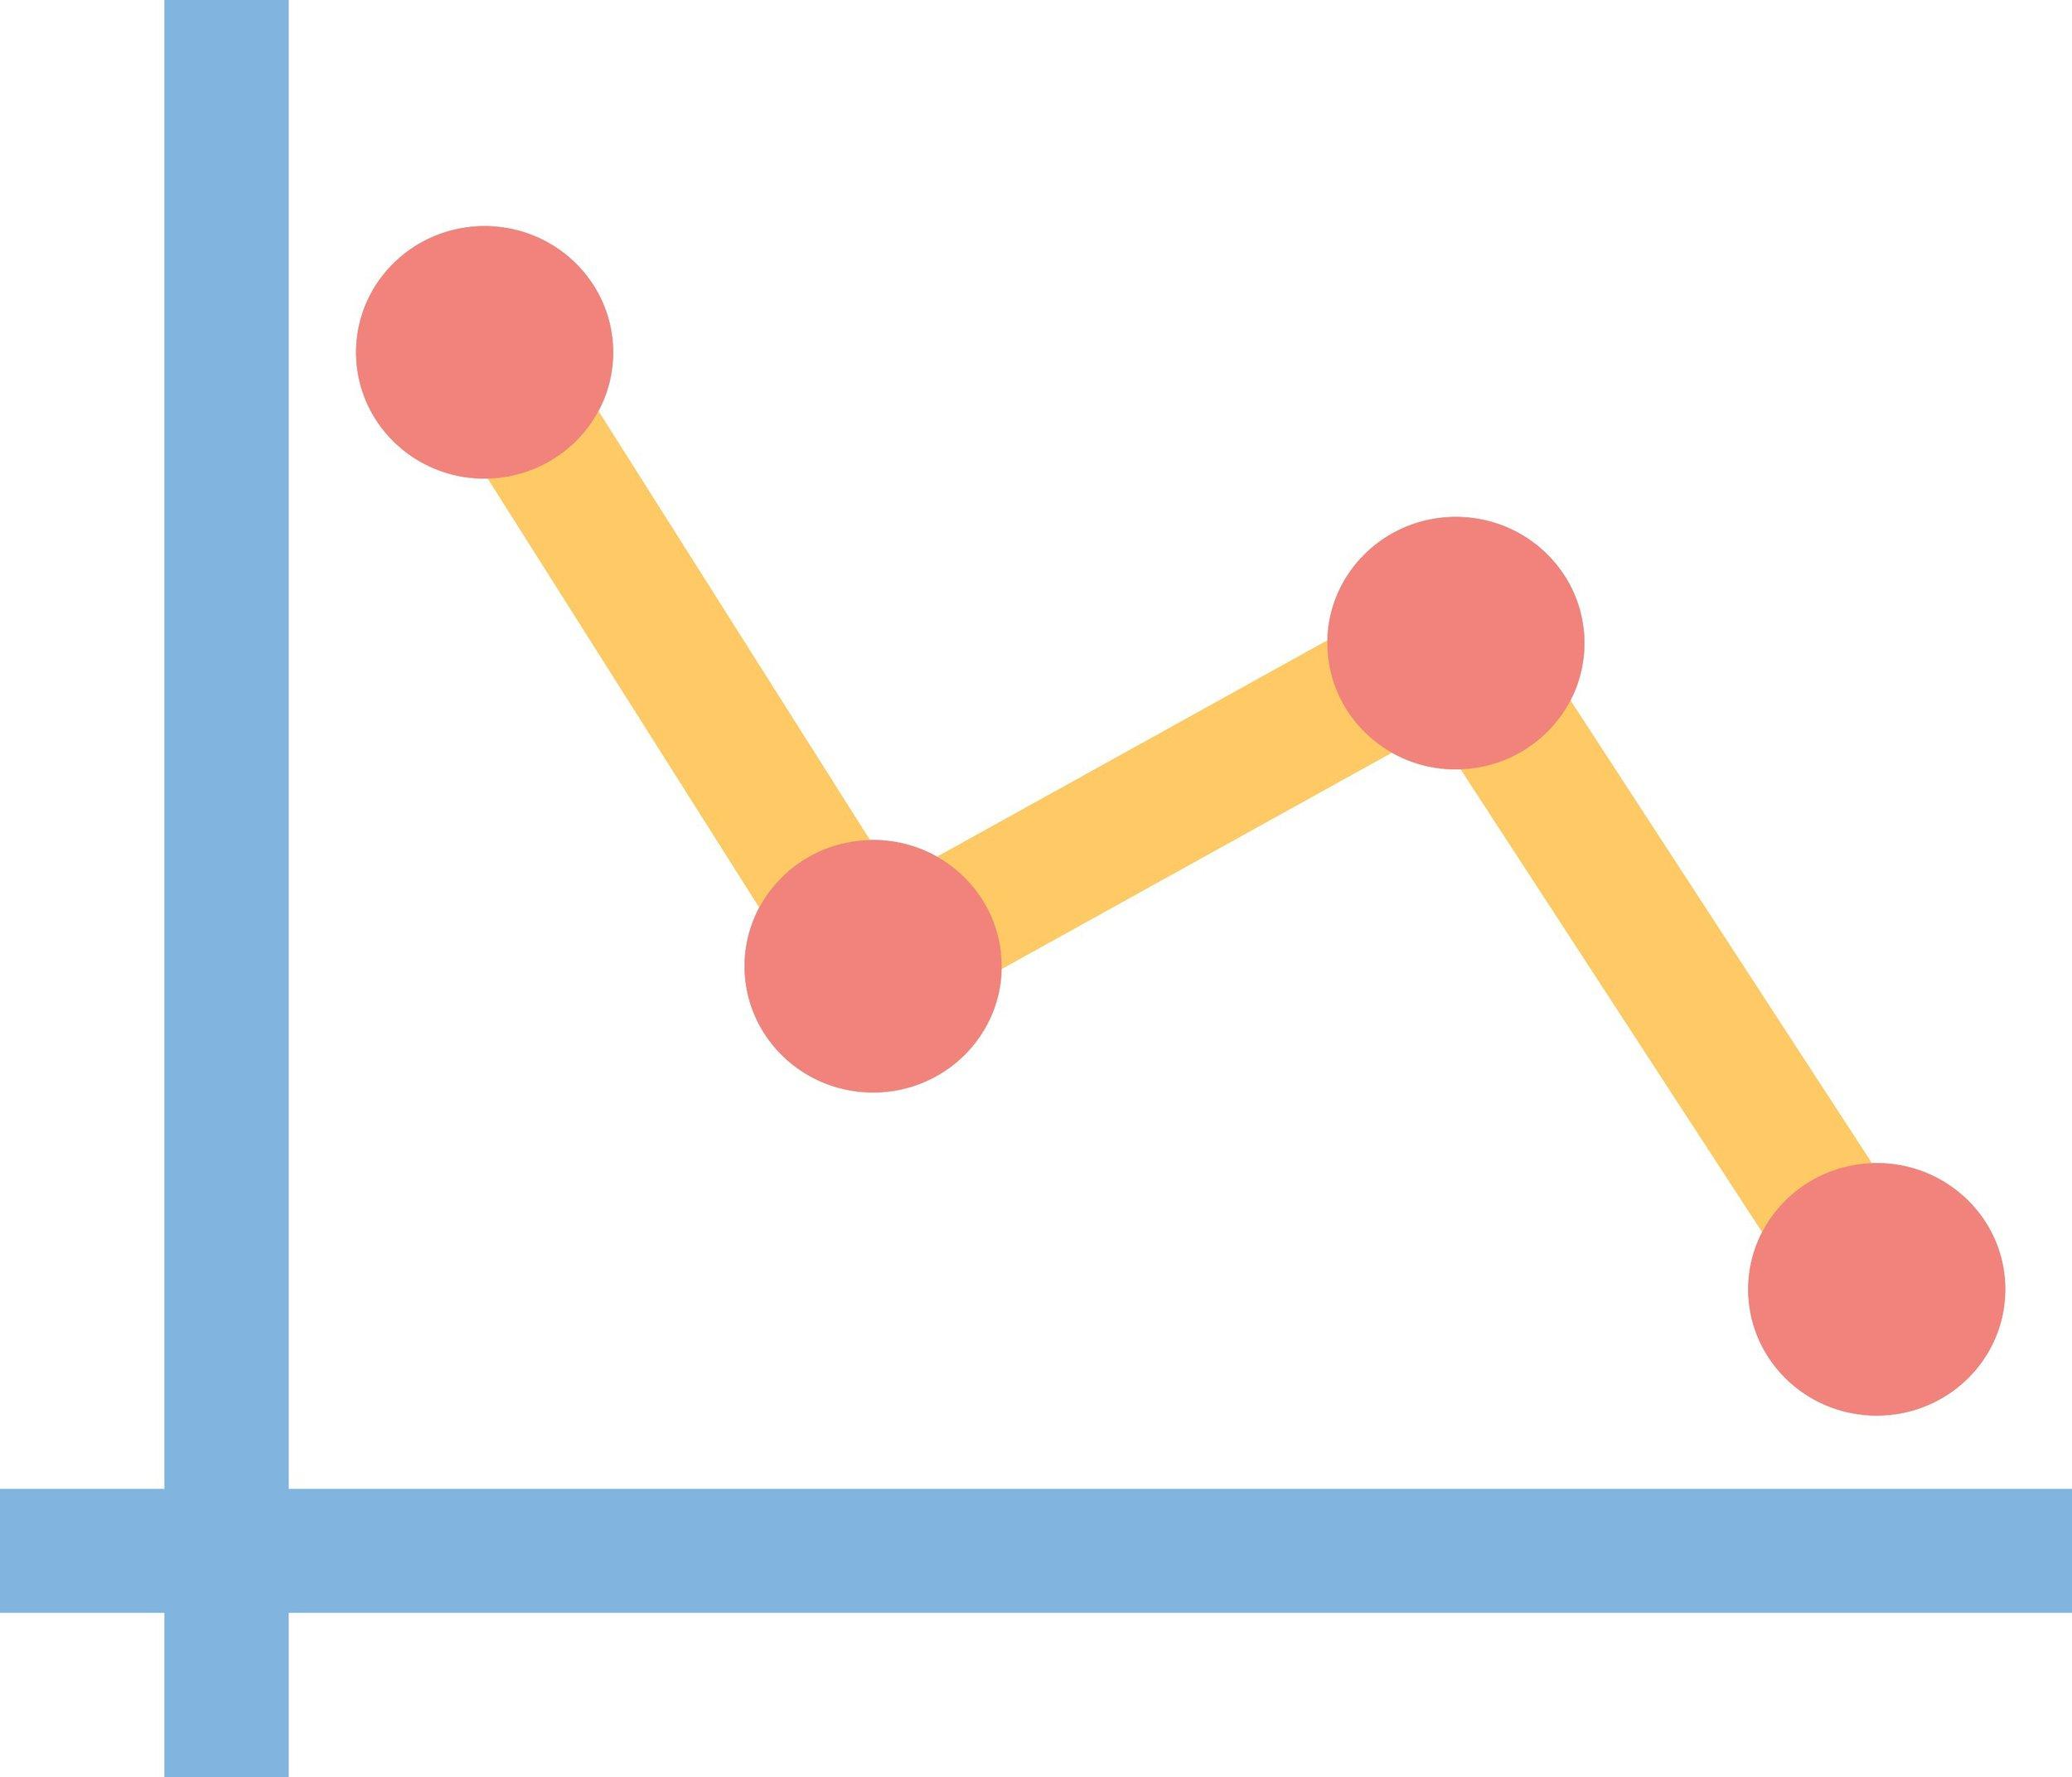 funky-chart-down-icon_MJ2_RhIu.jpg